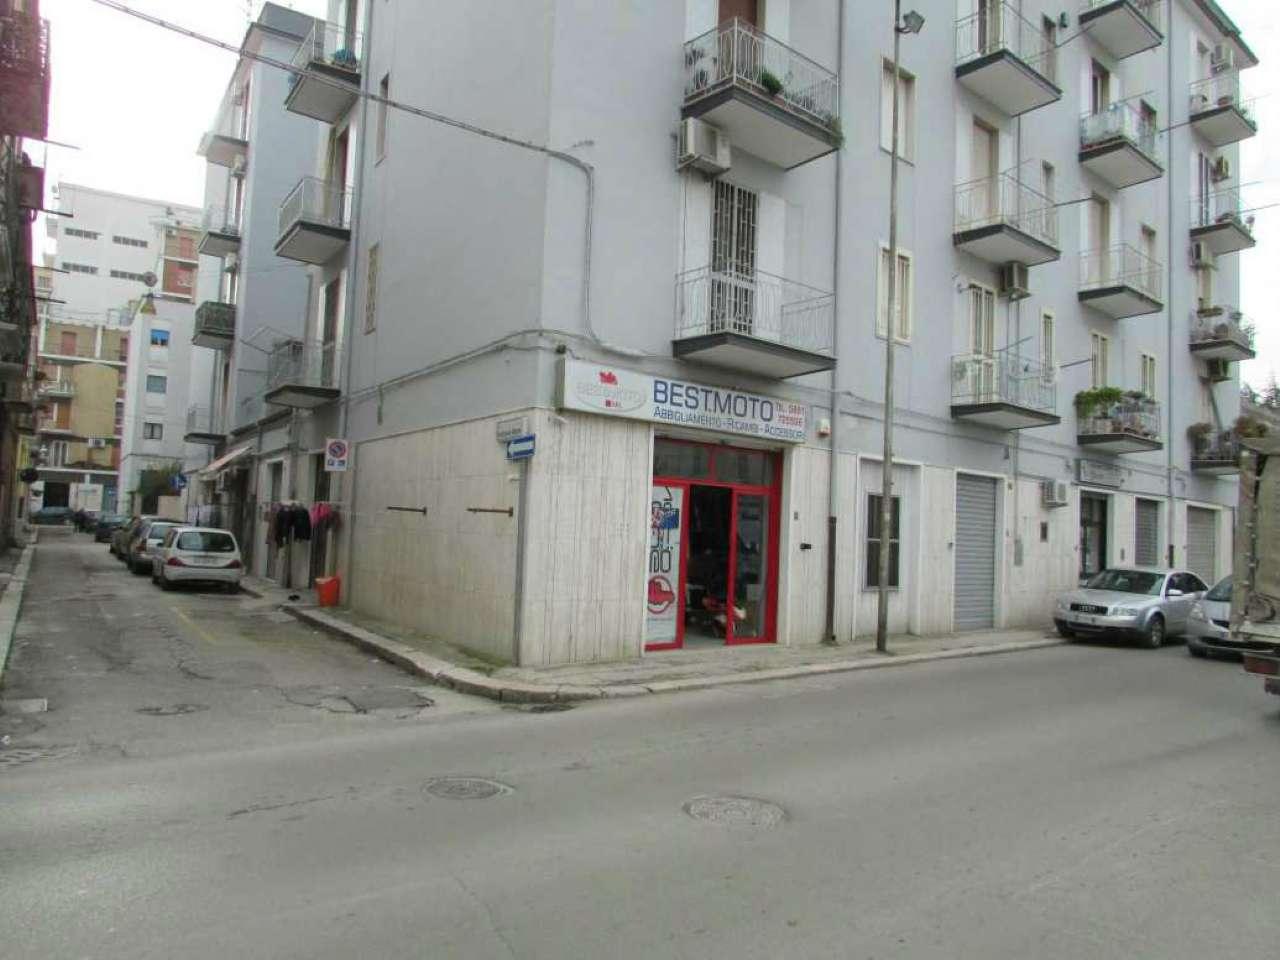 Negozio / Locale in affitto a Foggia, 9999 locali, prezzo € 490 | CambioCasa.it